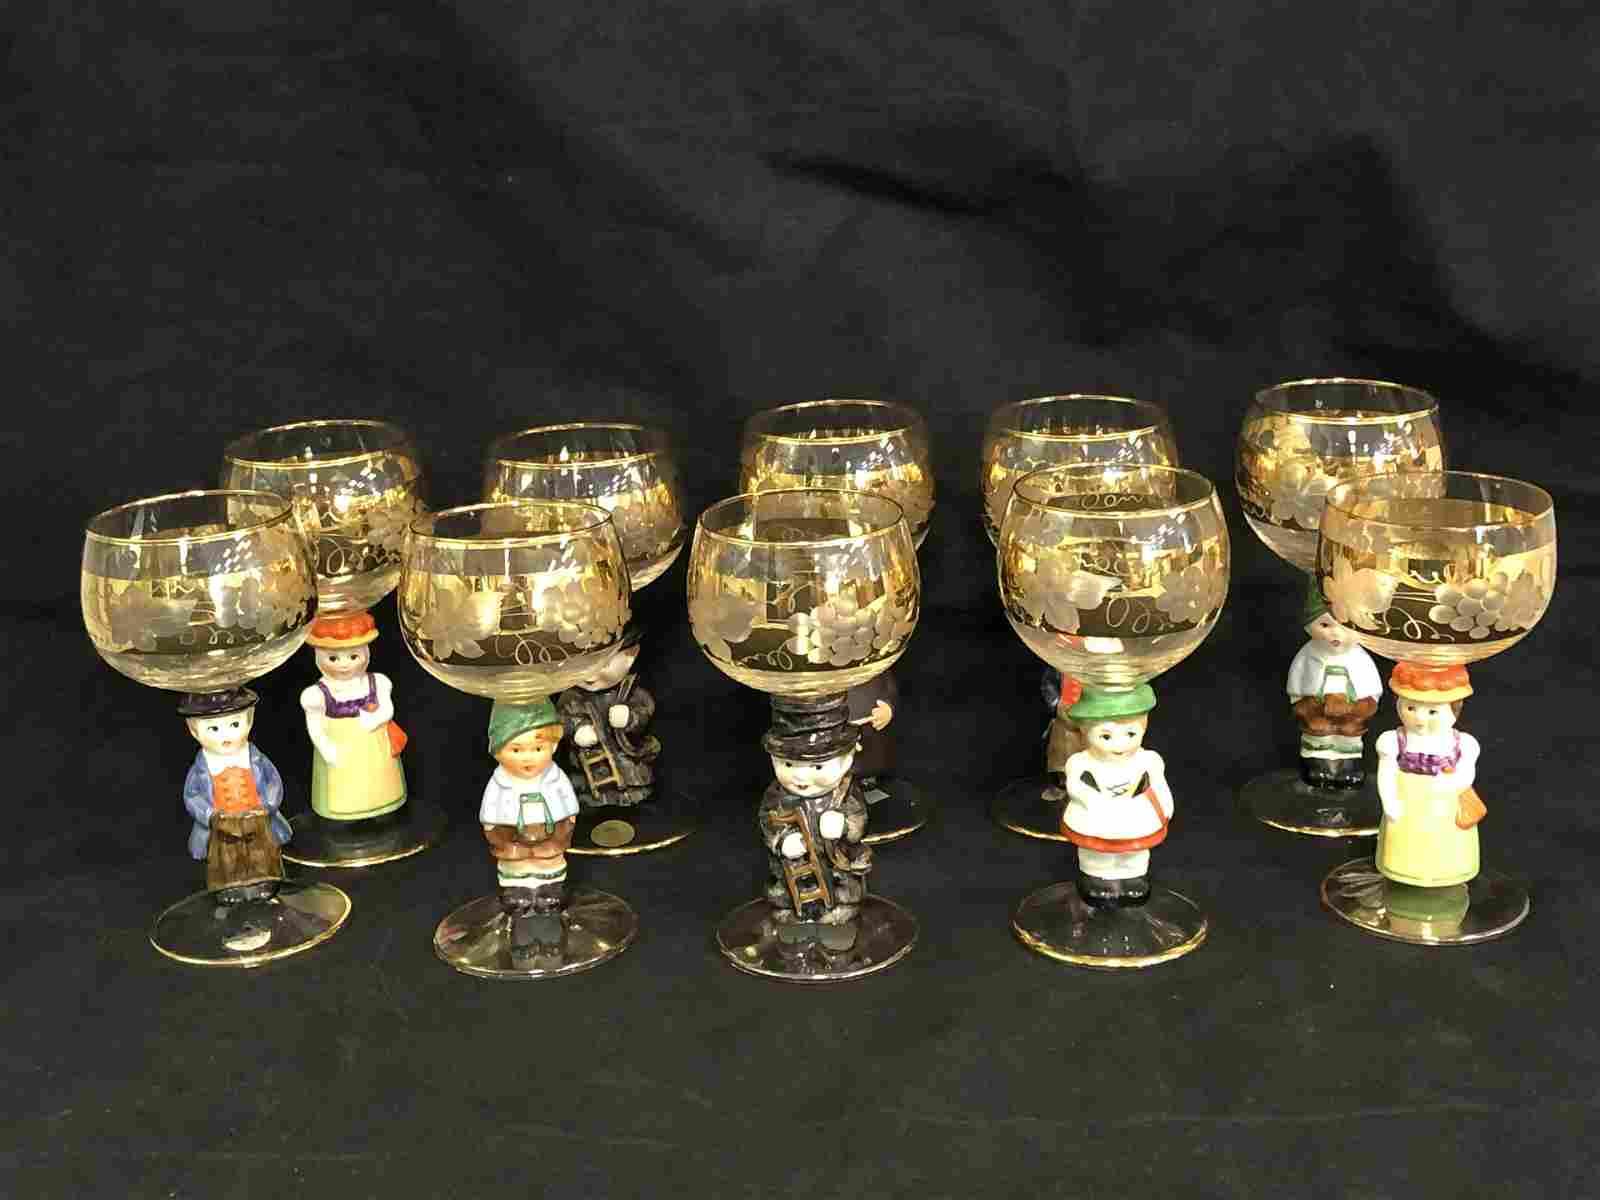 (10)Vintage Goebel Hummel Wine Glasses - Asst Figures,